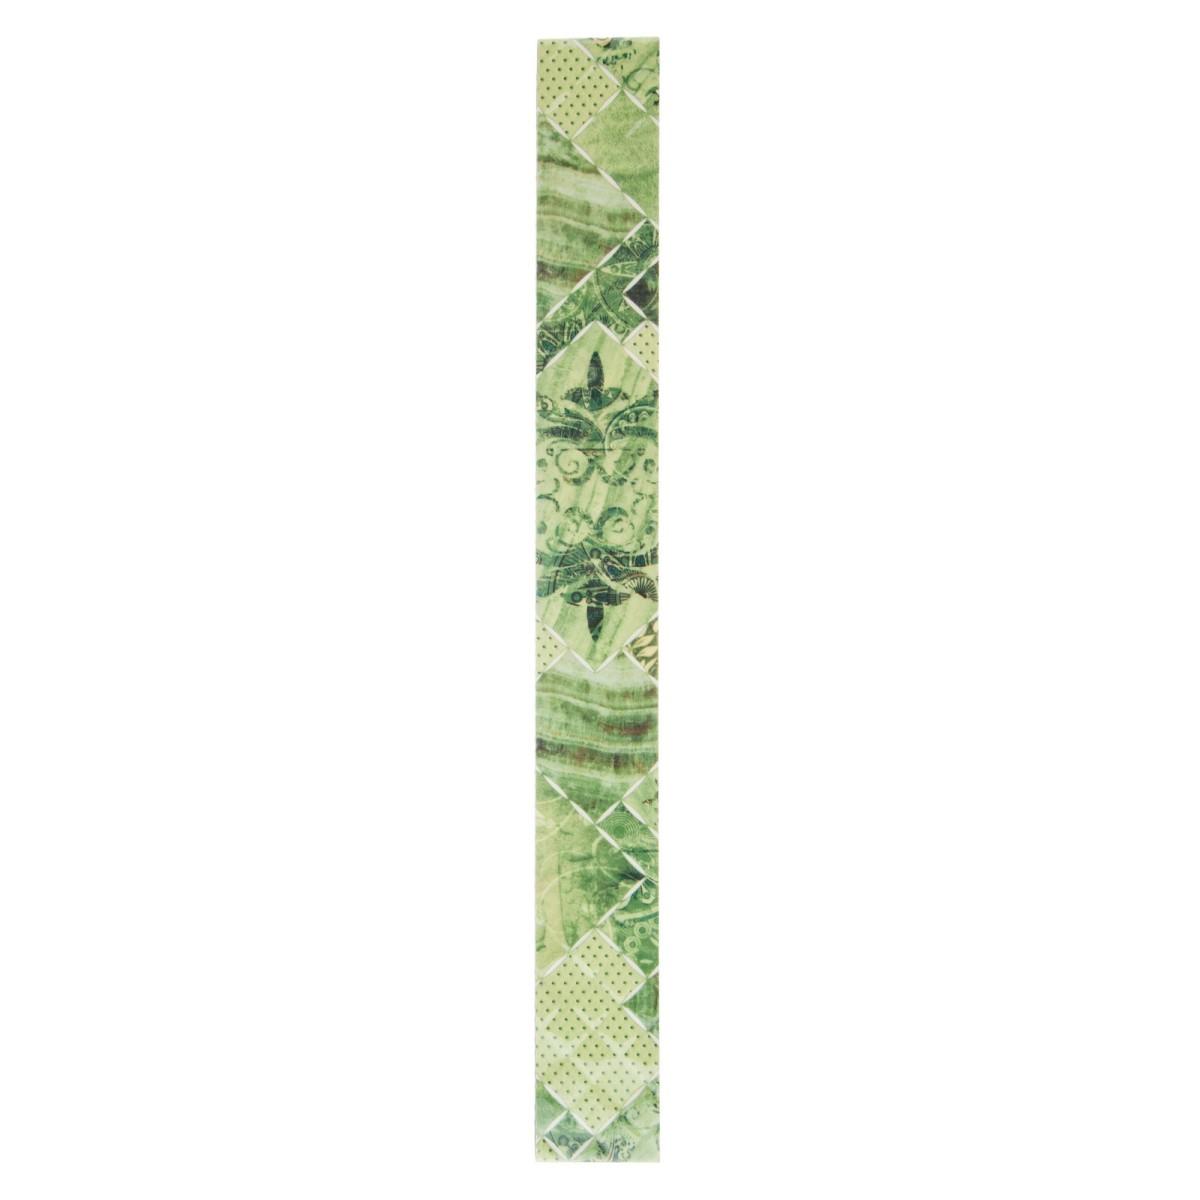 Бордюр «Симфония» 5.4х50 см цвет зелёный